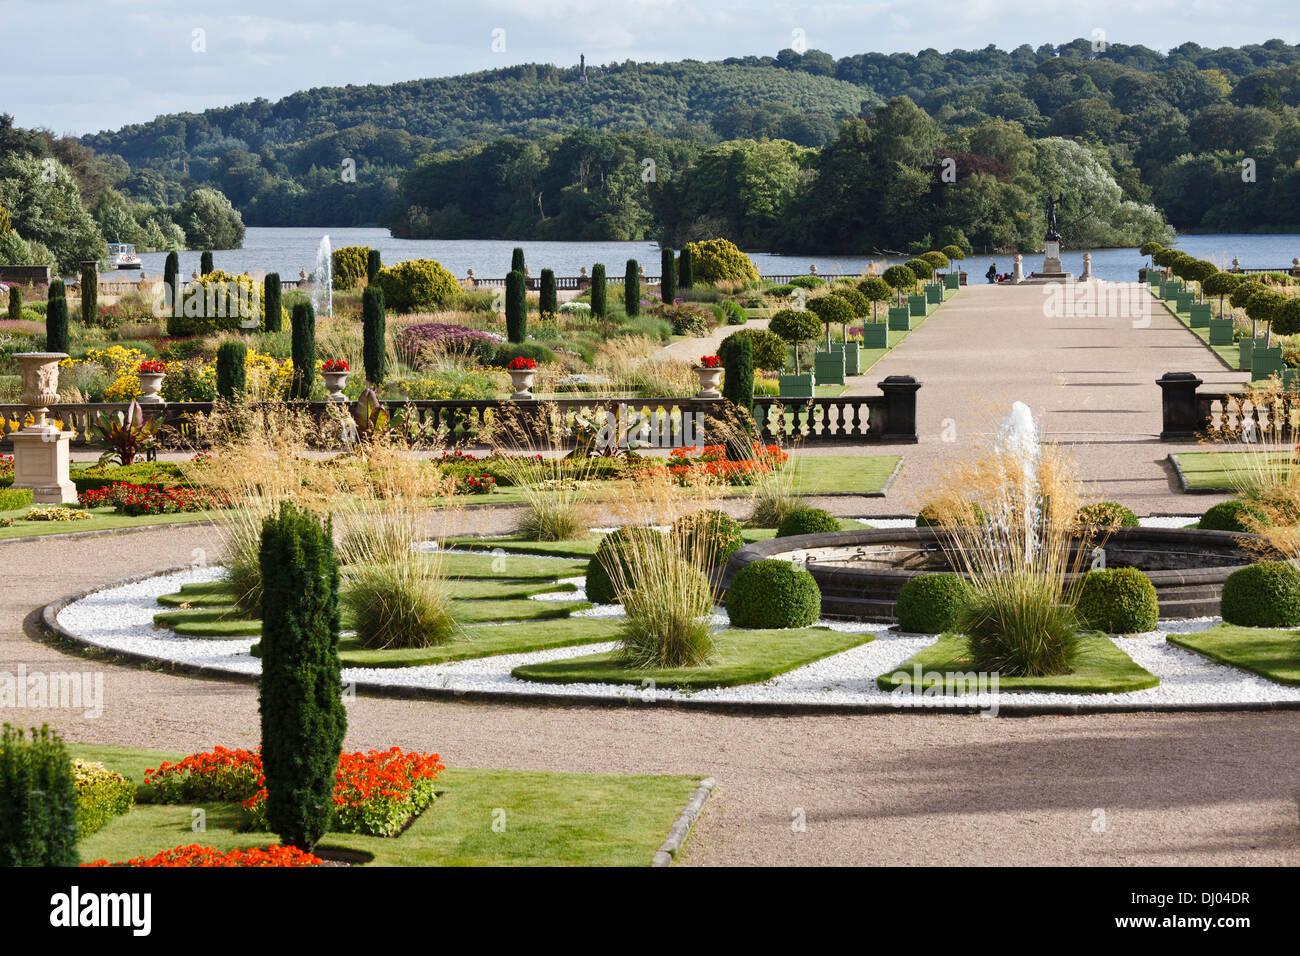 The Italian Gardens, Trentham Gardens, Stoke-on-Trent, Staffordshire - Stock Image